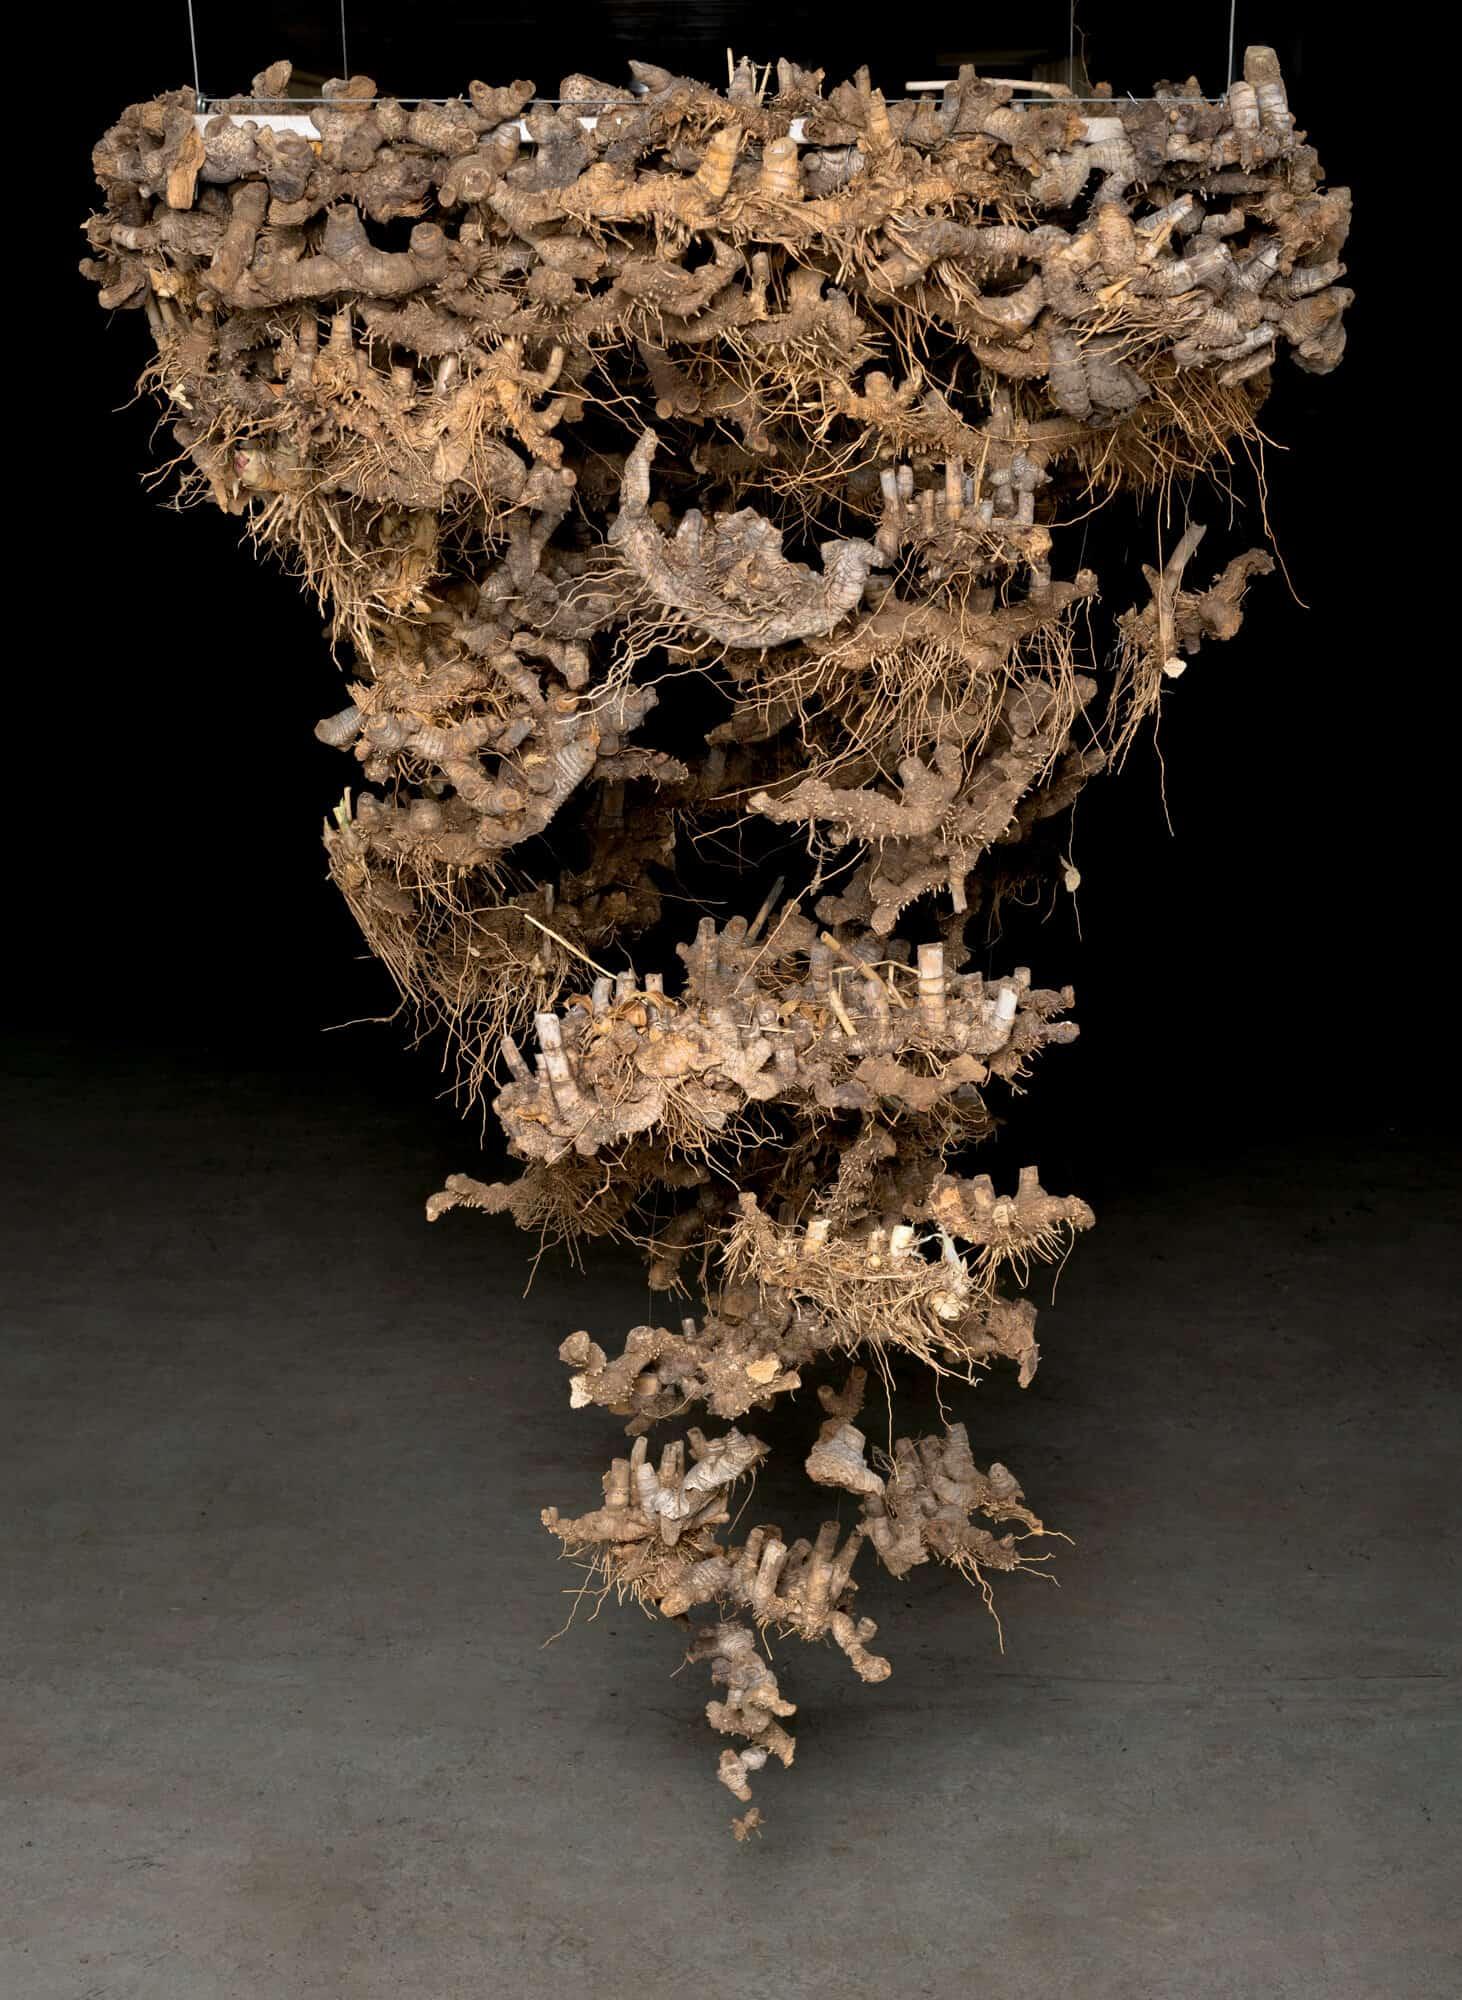 • Cecilia Maartens-Van Vuuren (Bloemfontein) A presentiment Dried roots